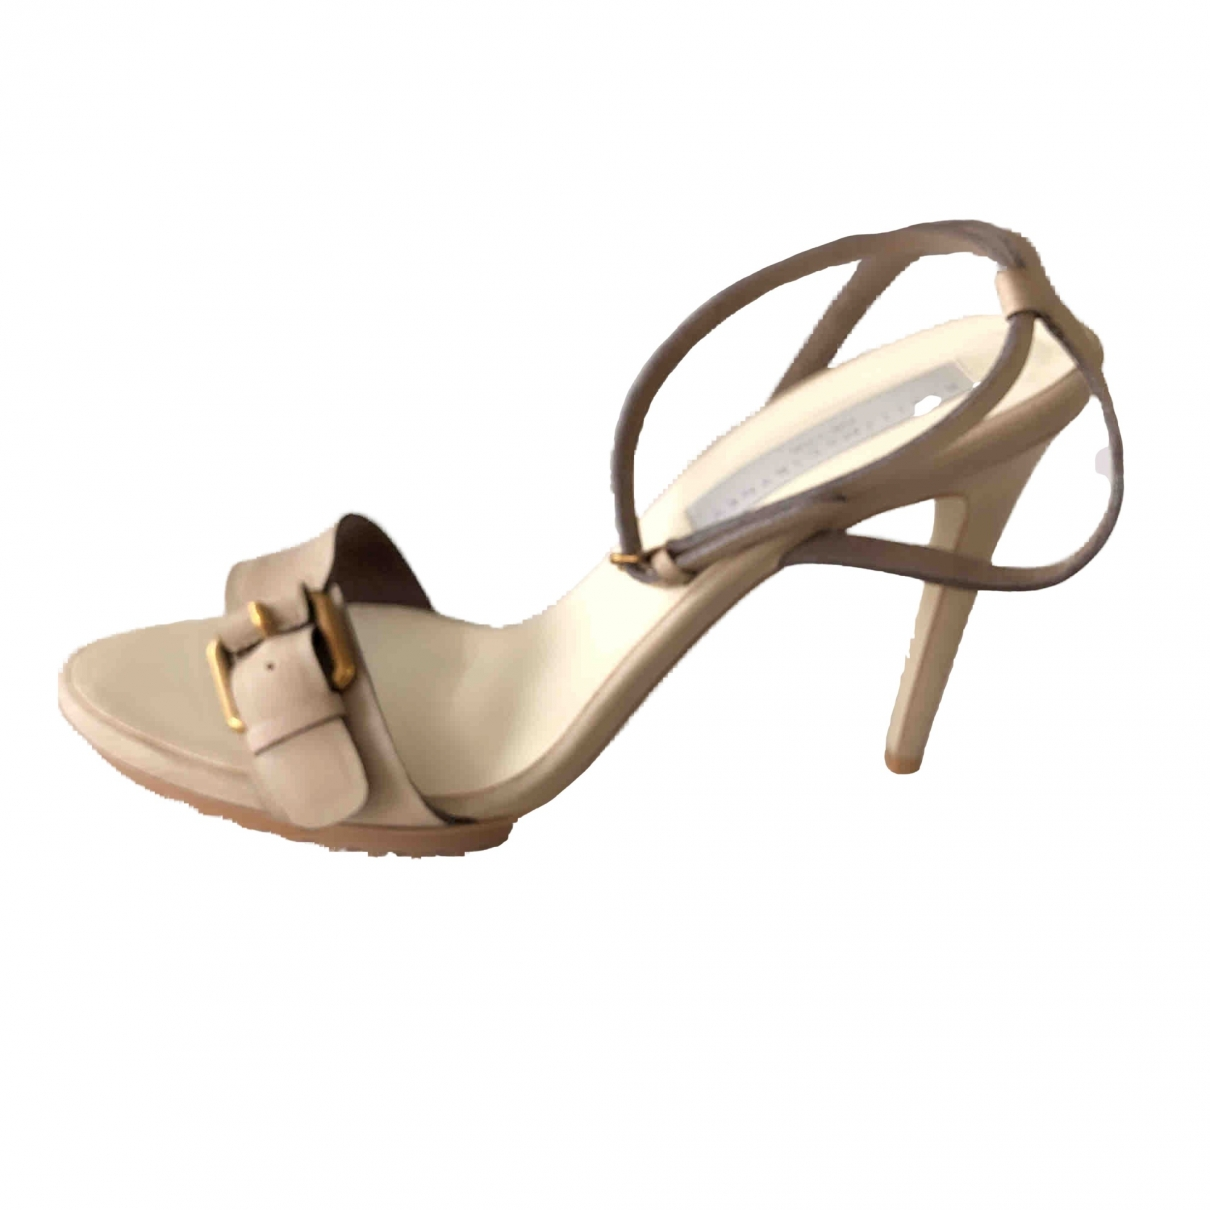 Sandalias de Cuero Stella Mccartney